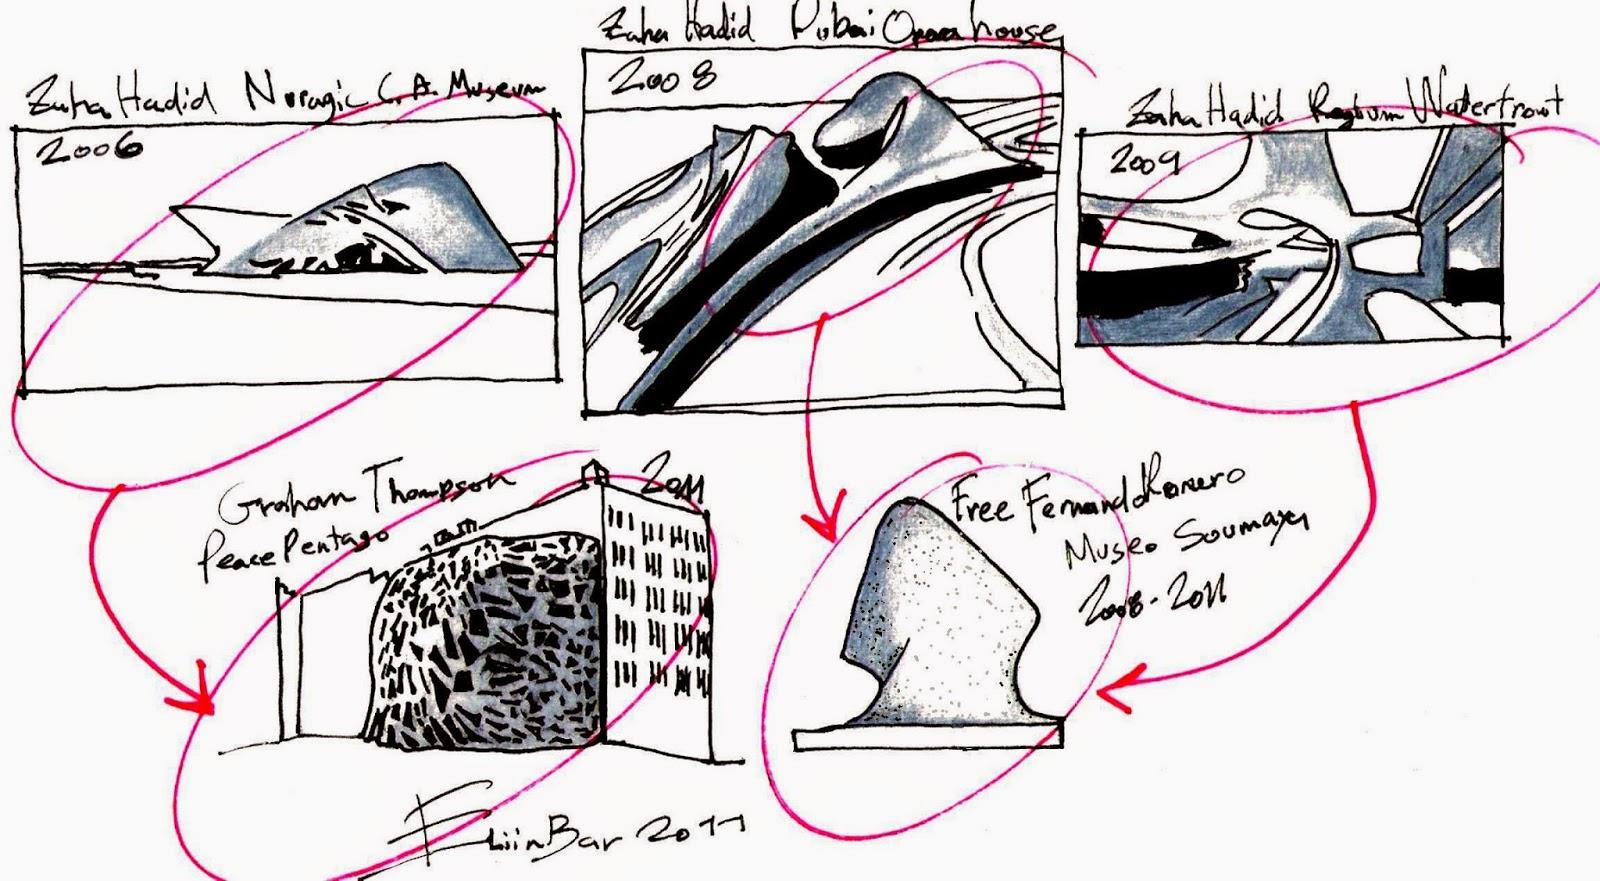 eliinbar sketches 2011 zaha hadid plastelina-building